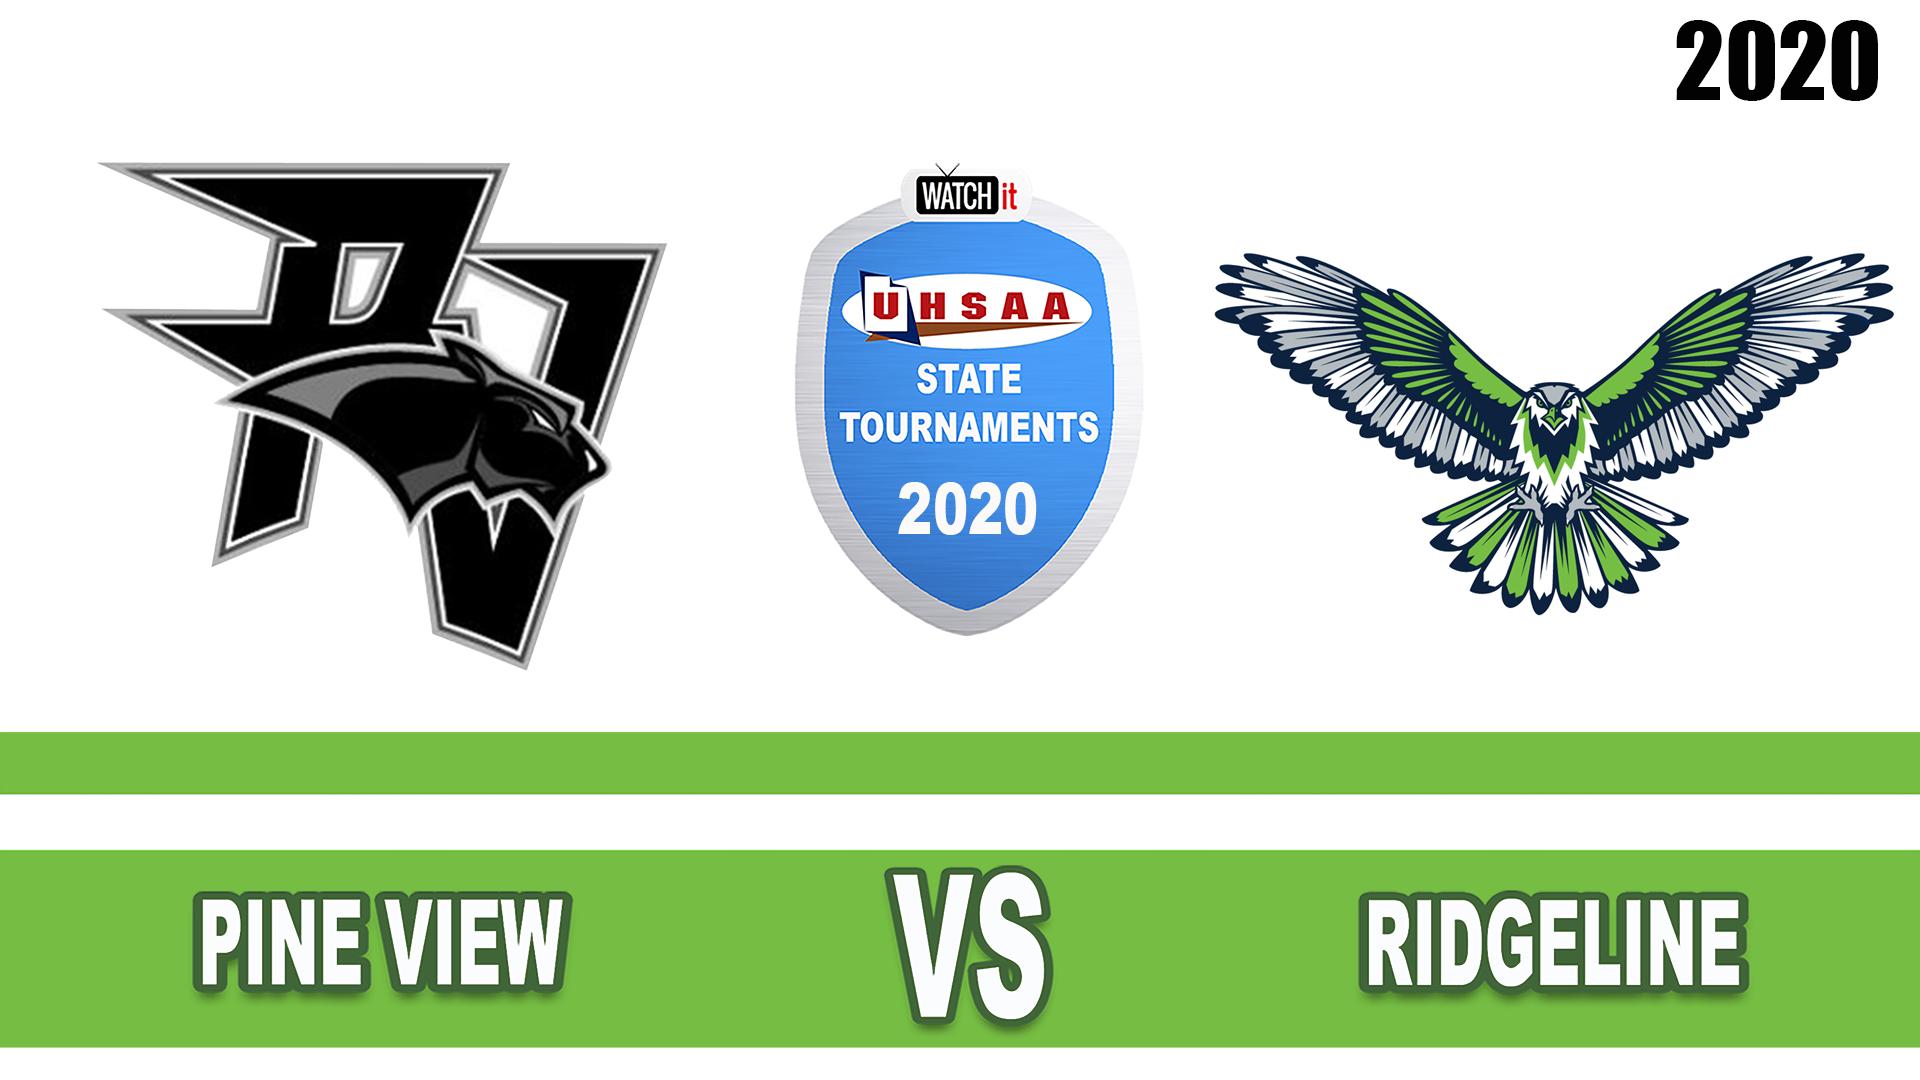 Pine View vs Ridgeline